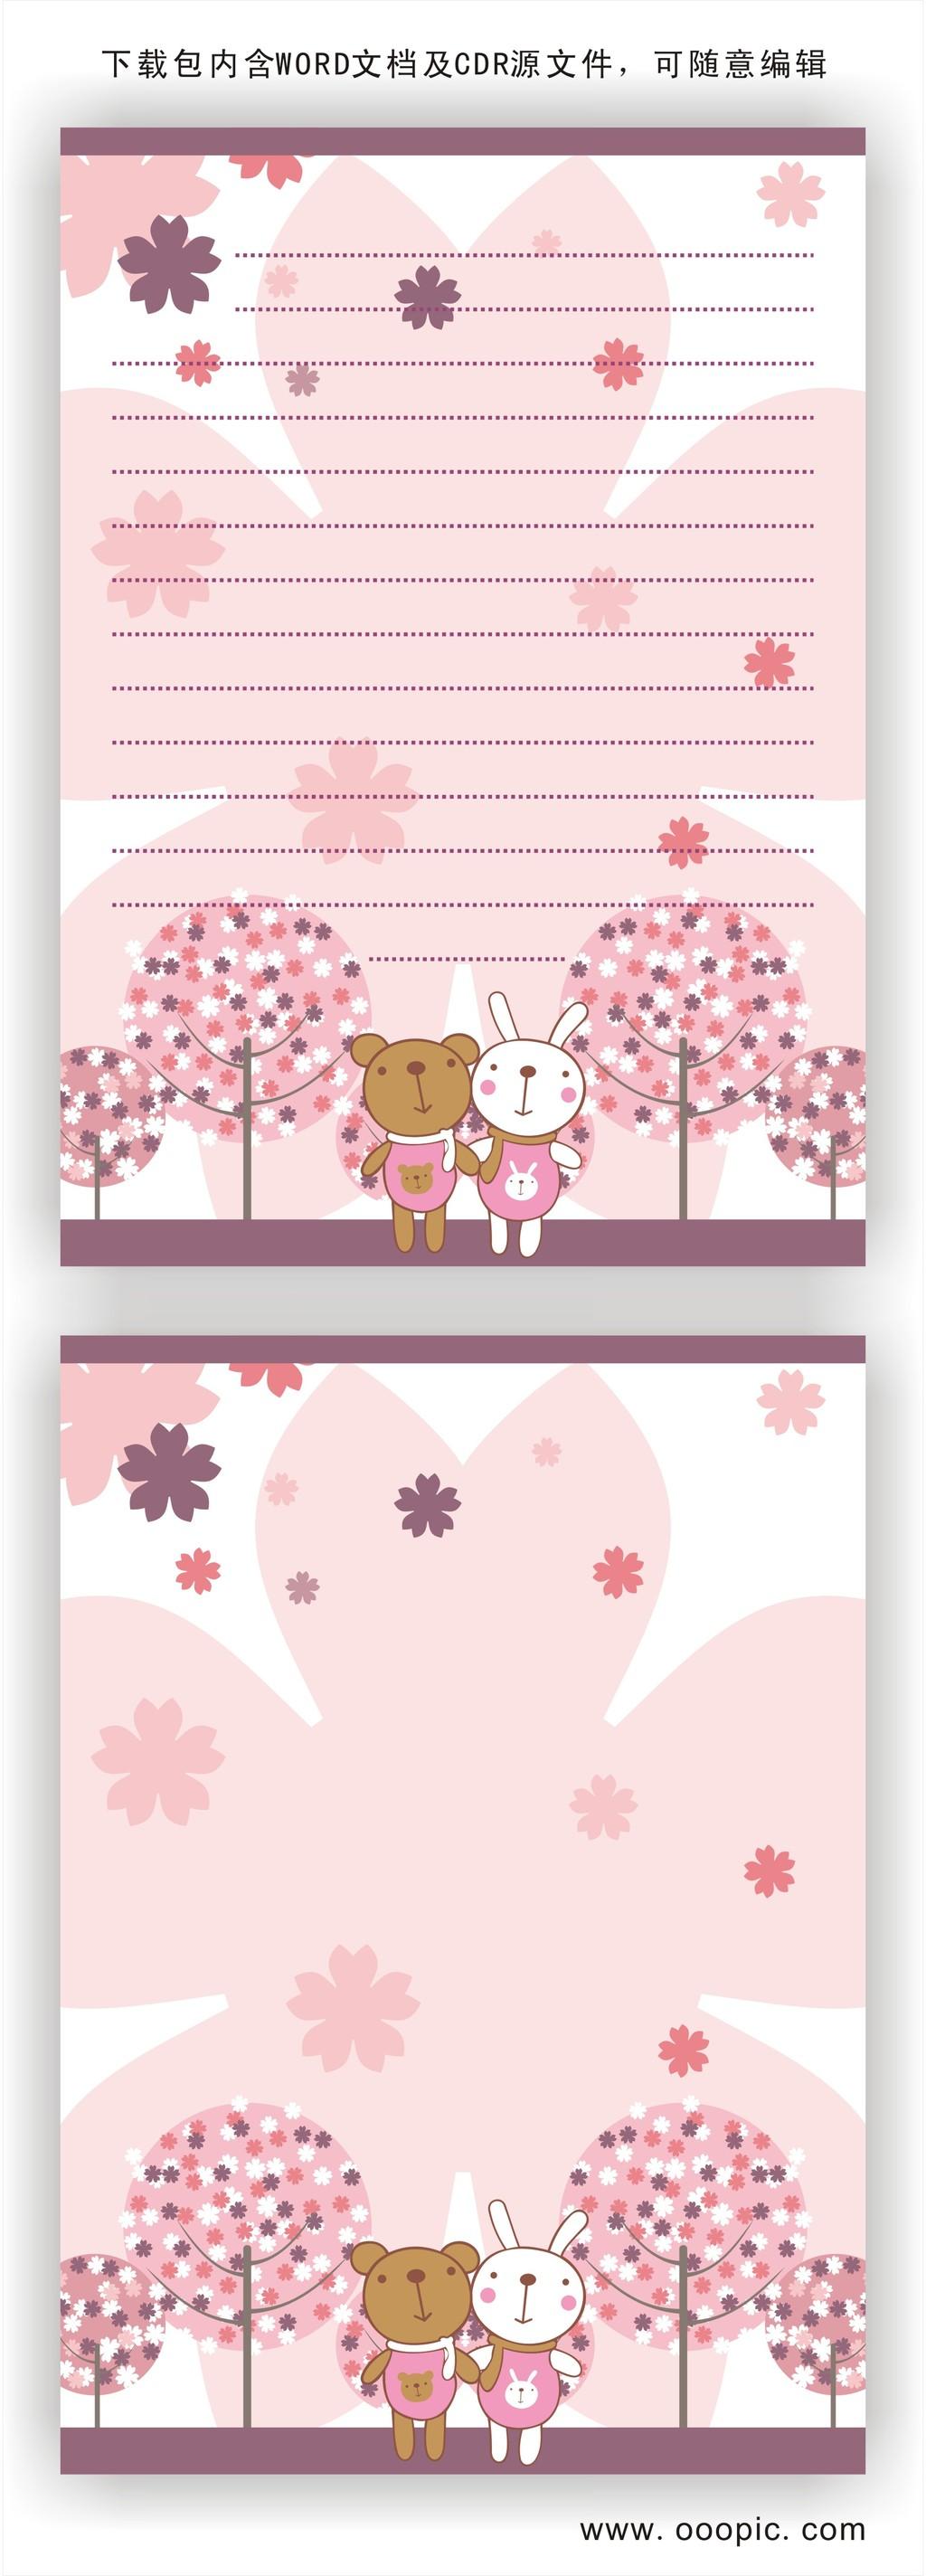 可爱温馨信纸背景模板模板下载